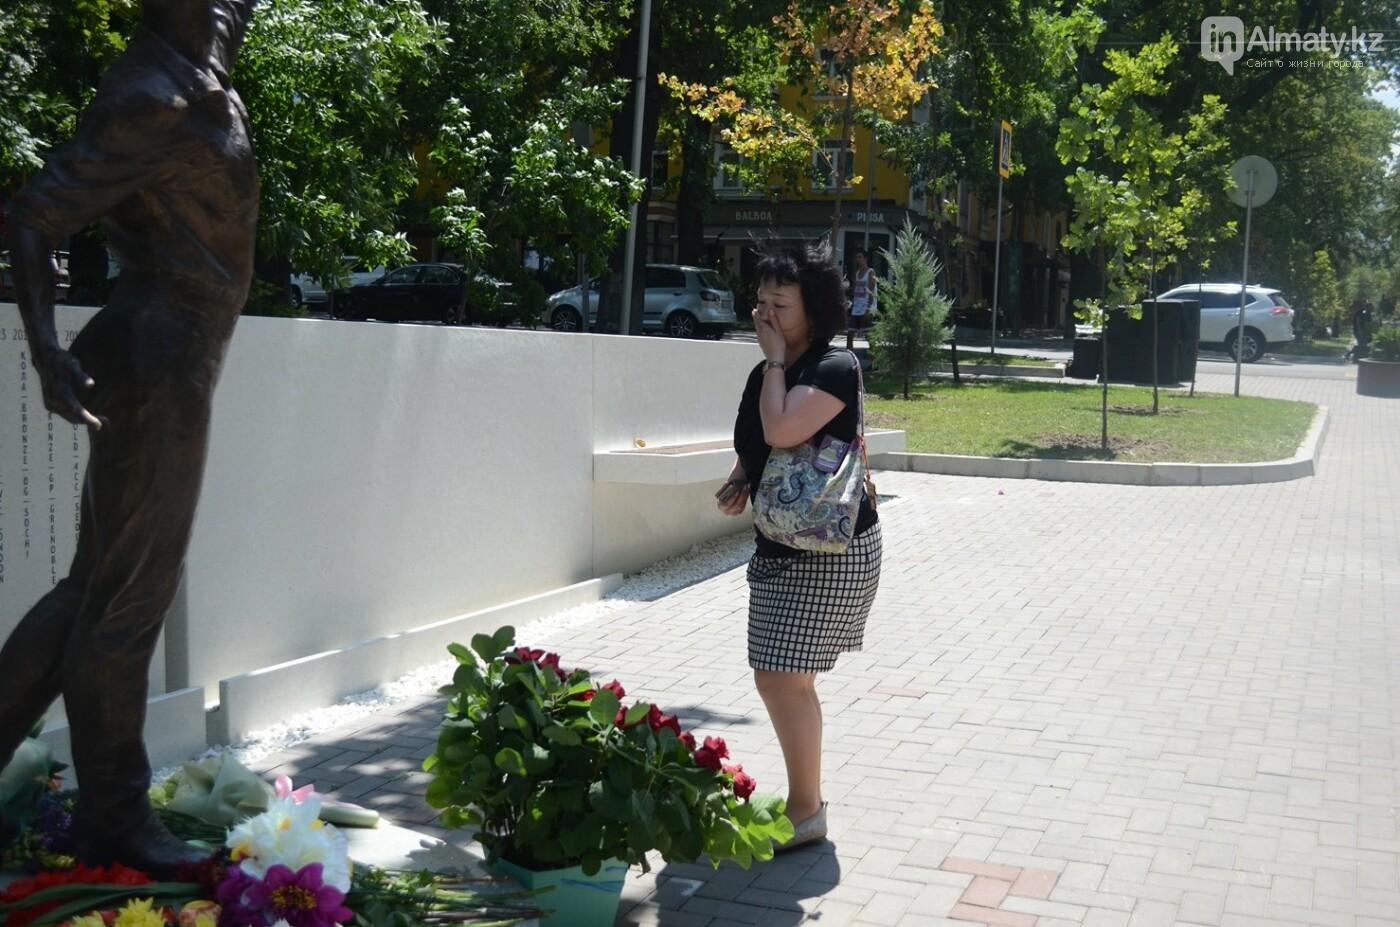 Алматинцы приносят цветы к памятнику Дениса Тена (фото), фото-4